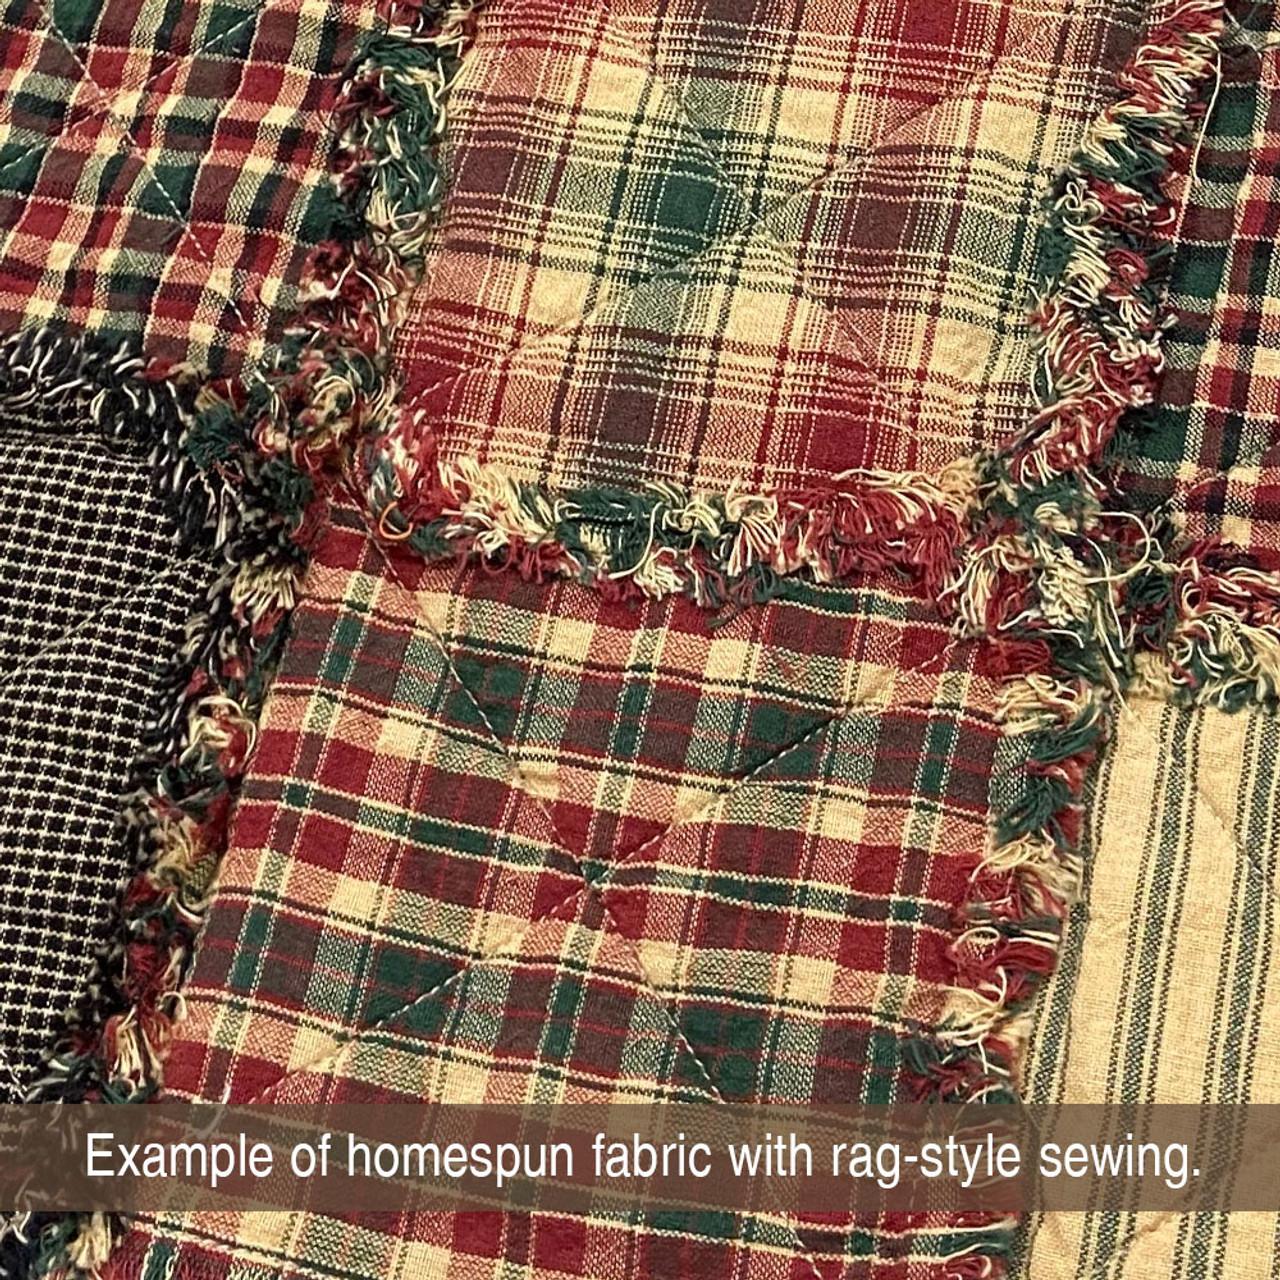 Vintage Christmas 2 Plaid Homespun Cotton Fabric